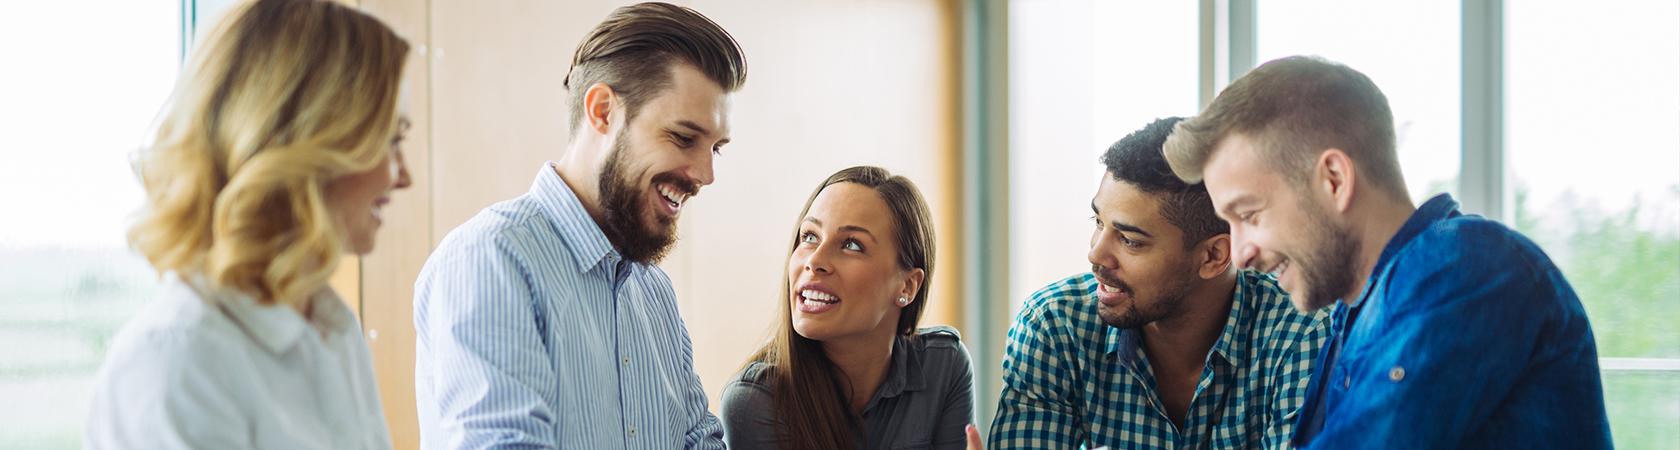 Actualités et vidéos - MBA Communication & Marketing Stratégique EFAP Lille